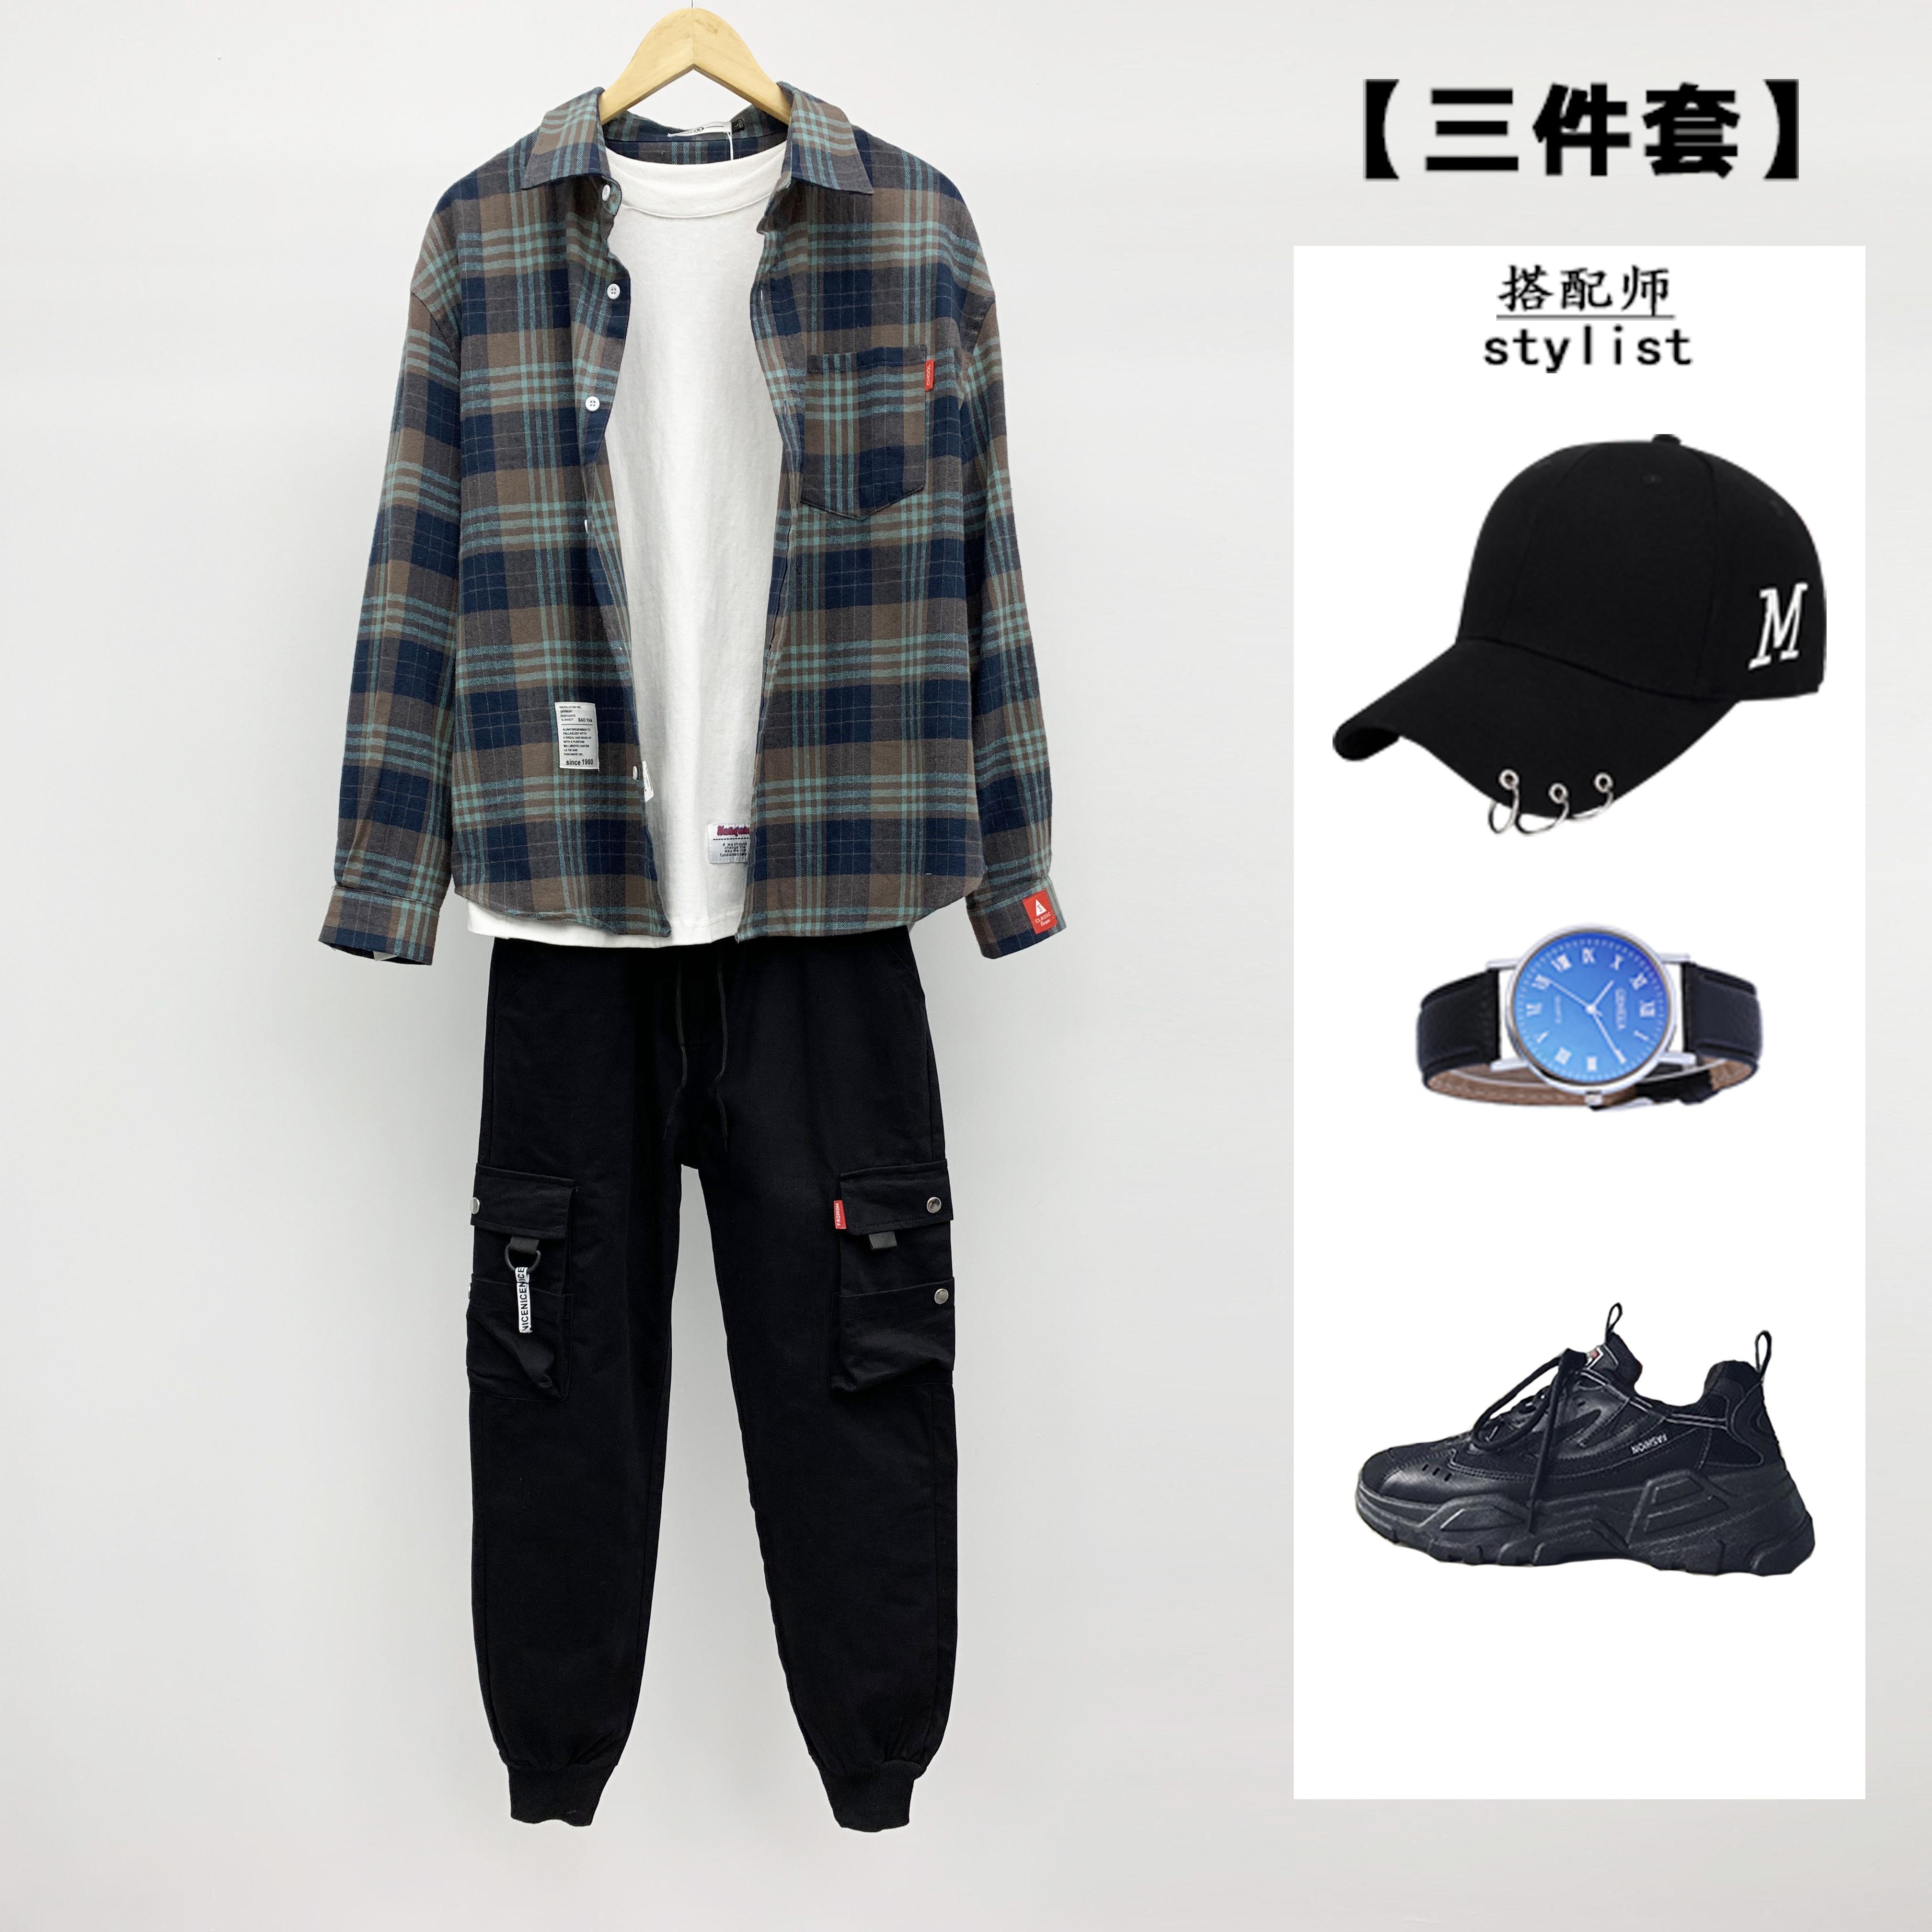 【三件套】男士+长袖卫衣九分衬衫